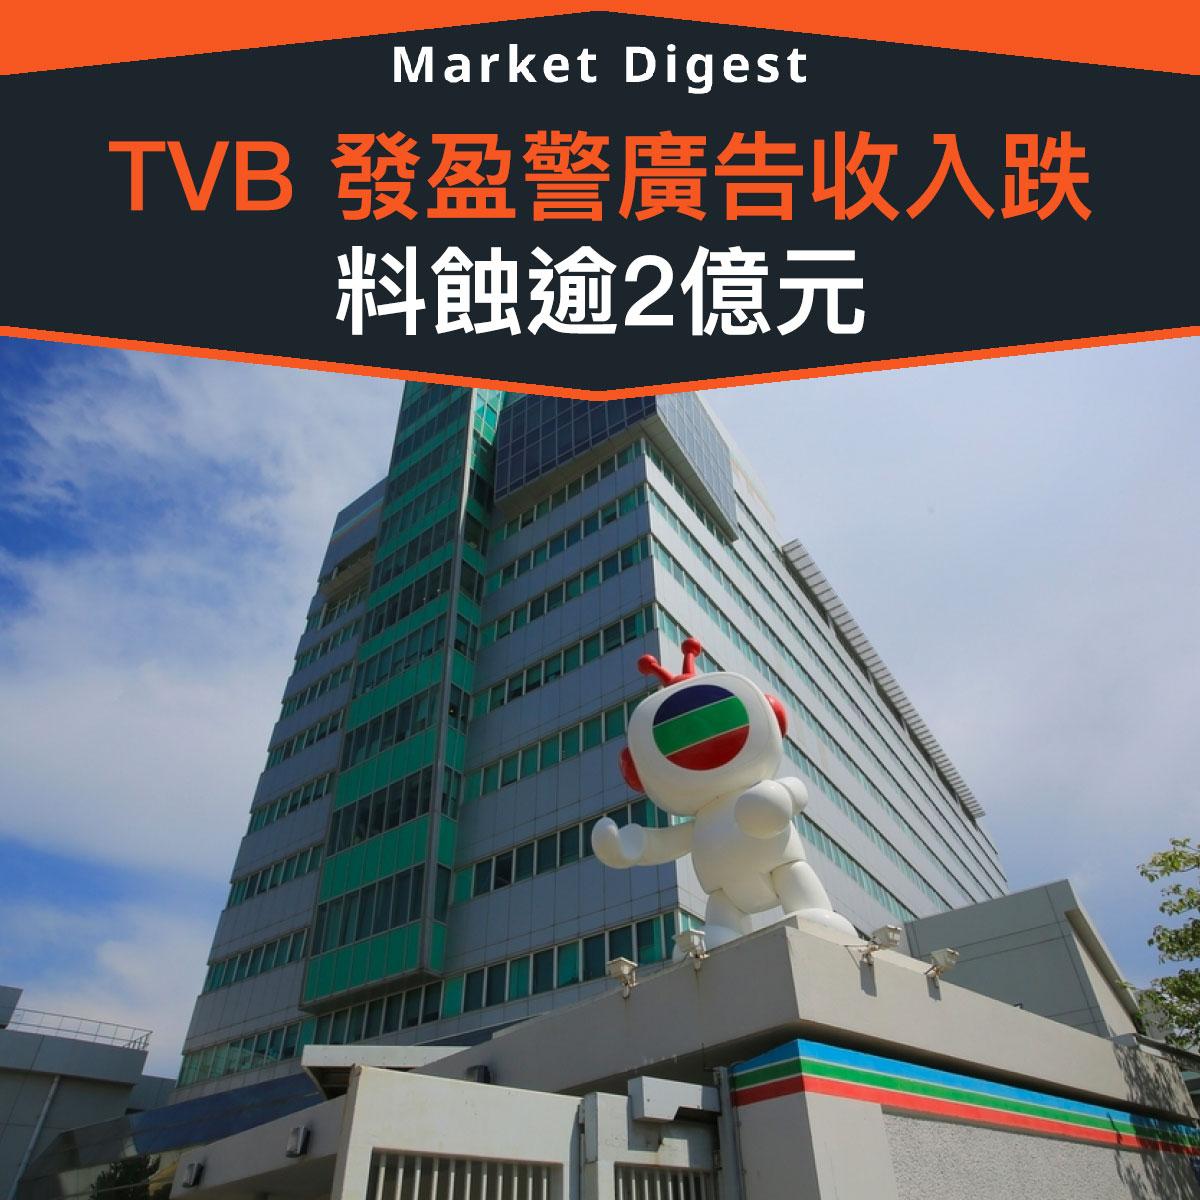 【市場熱話】TVB 發盈警廣告收入跌 料蝕逾2億元